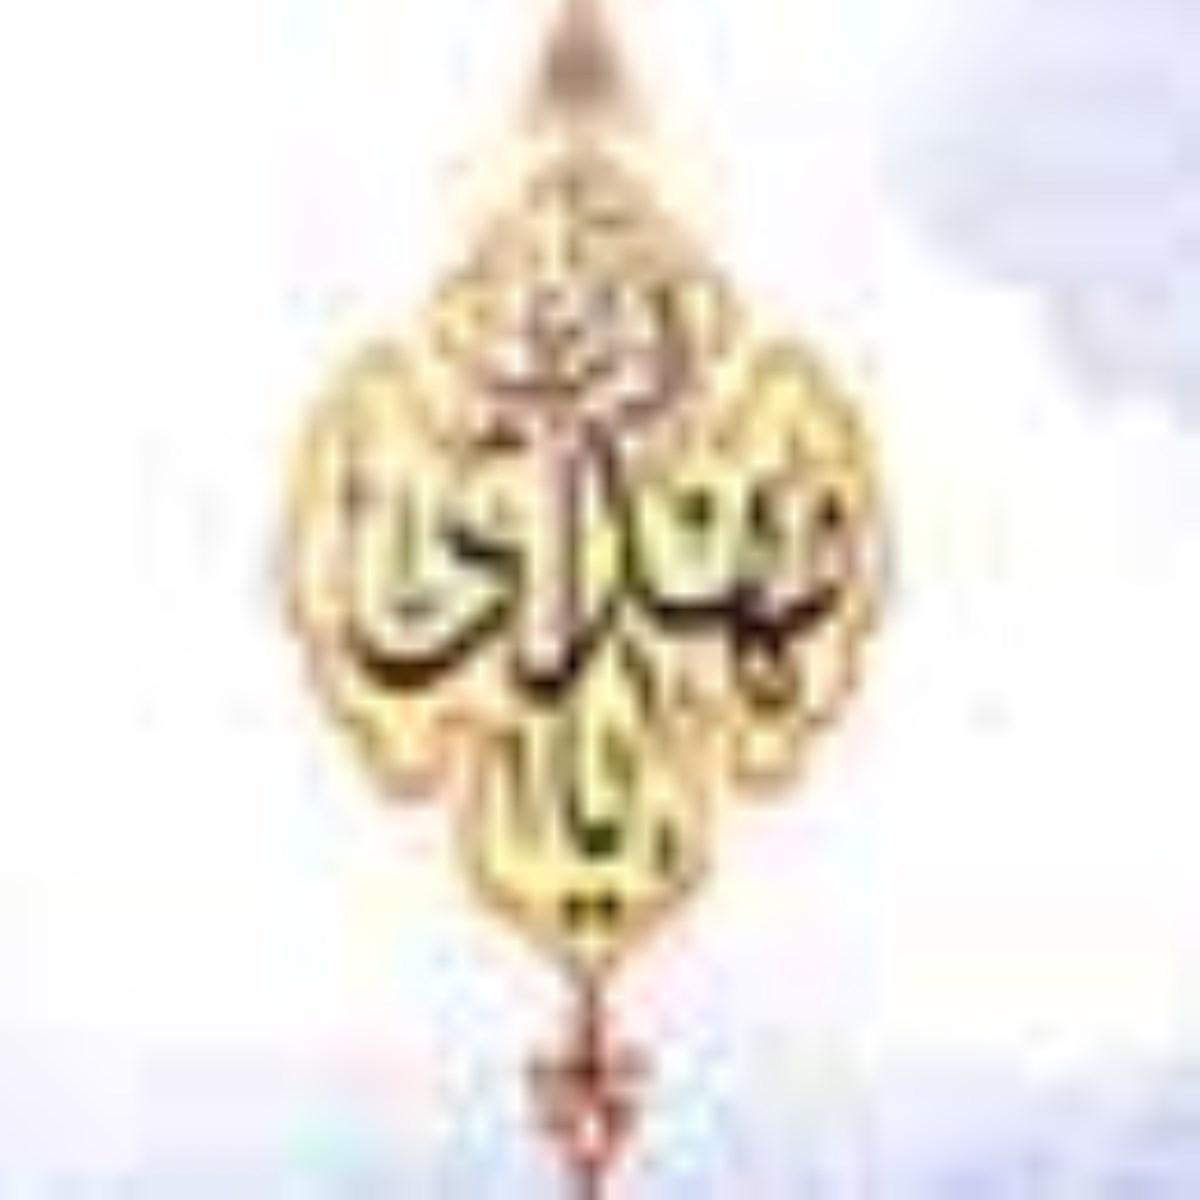 نگاهی بر مفاهیم و جایگاه حقوق انسانی و عدل مهدوی در جامعه جهاني اسلام